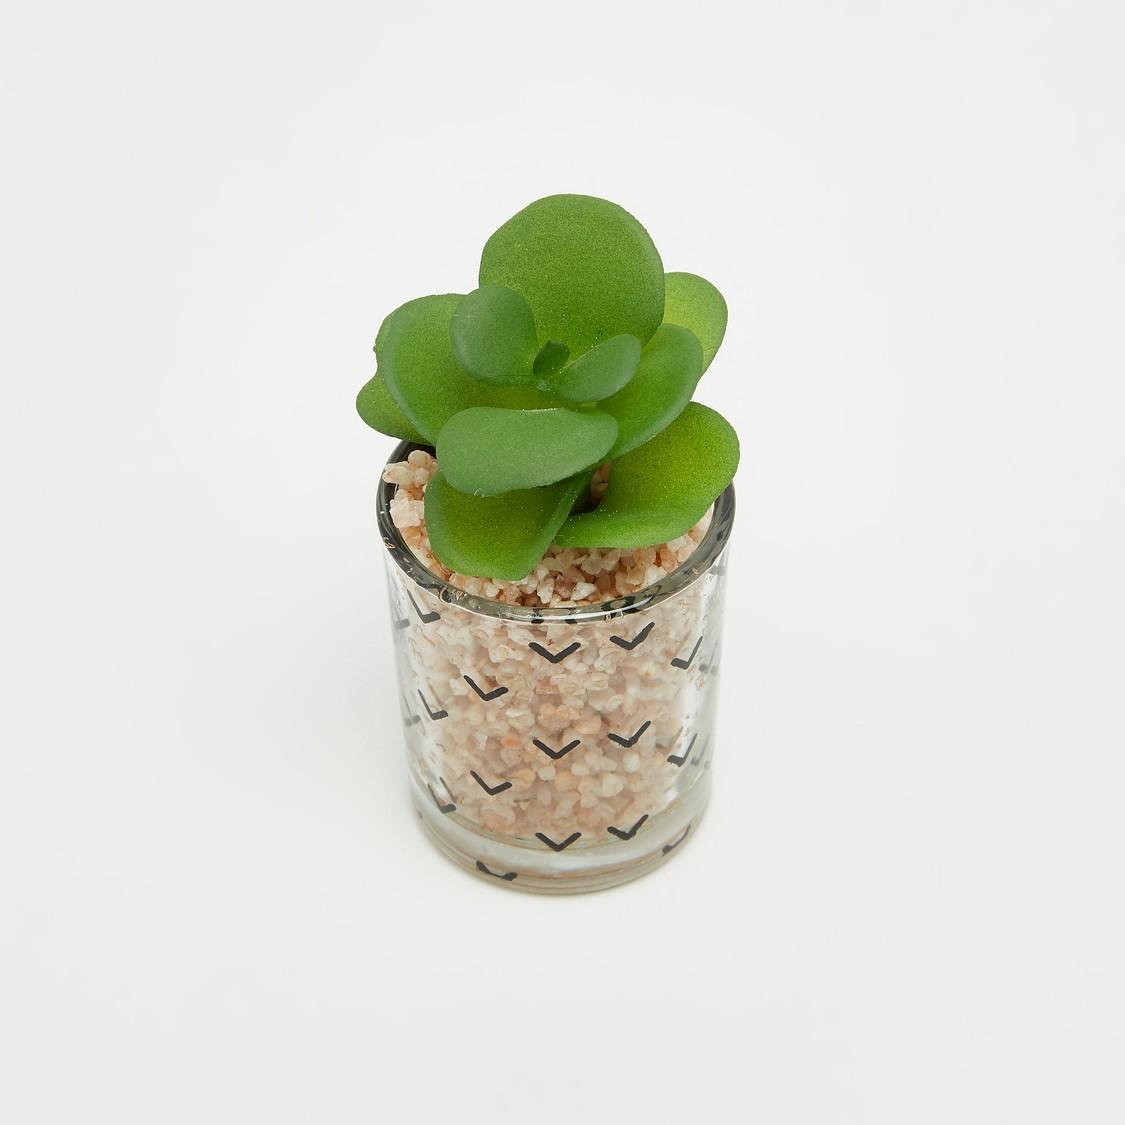 نبتة في إصيص  - 6x6 سم